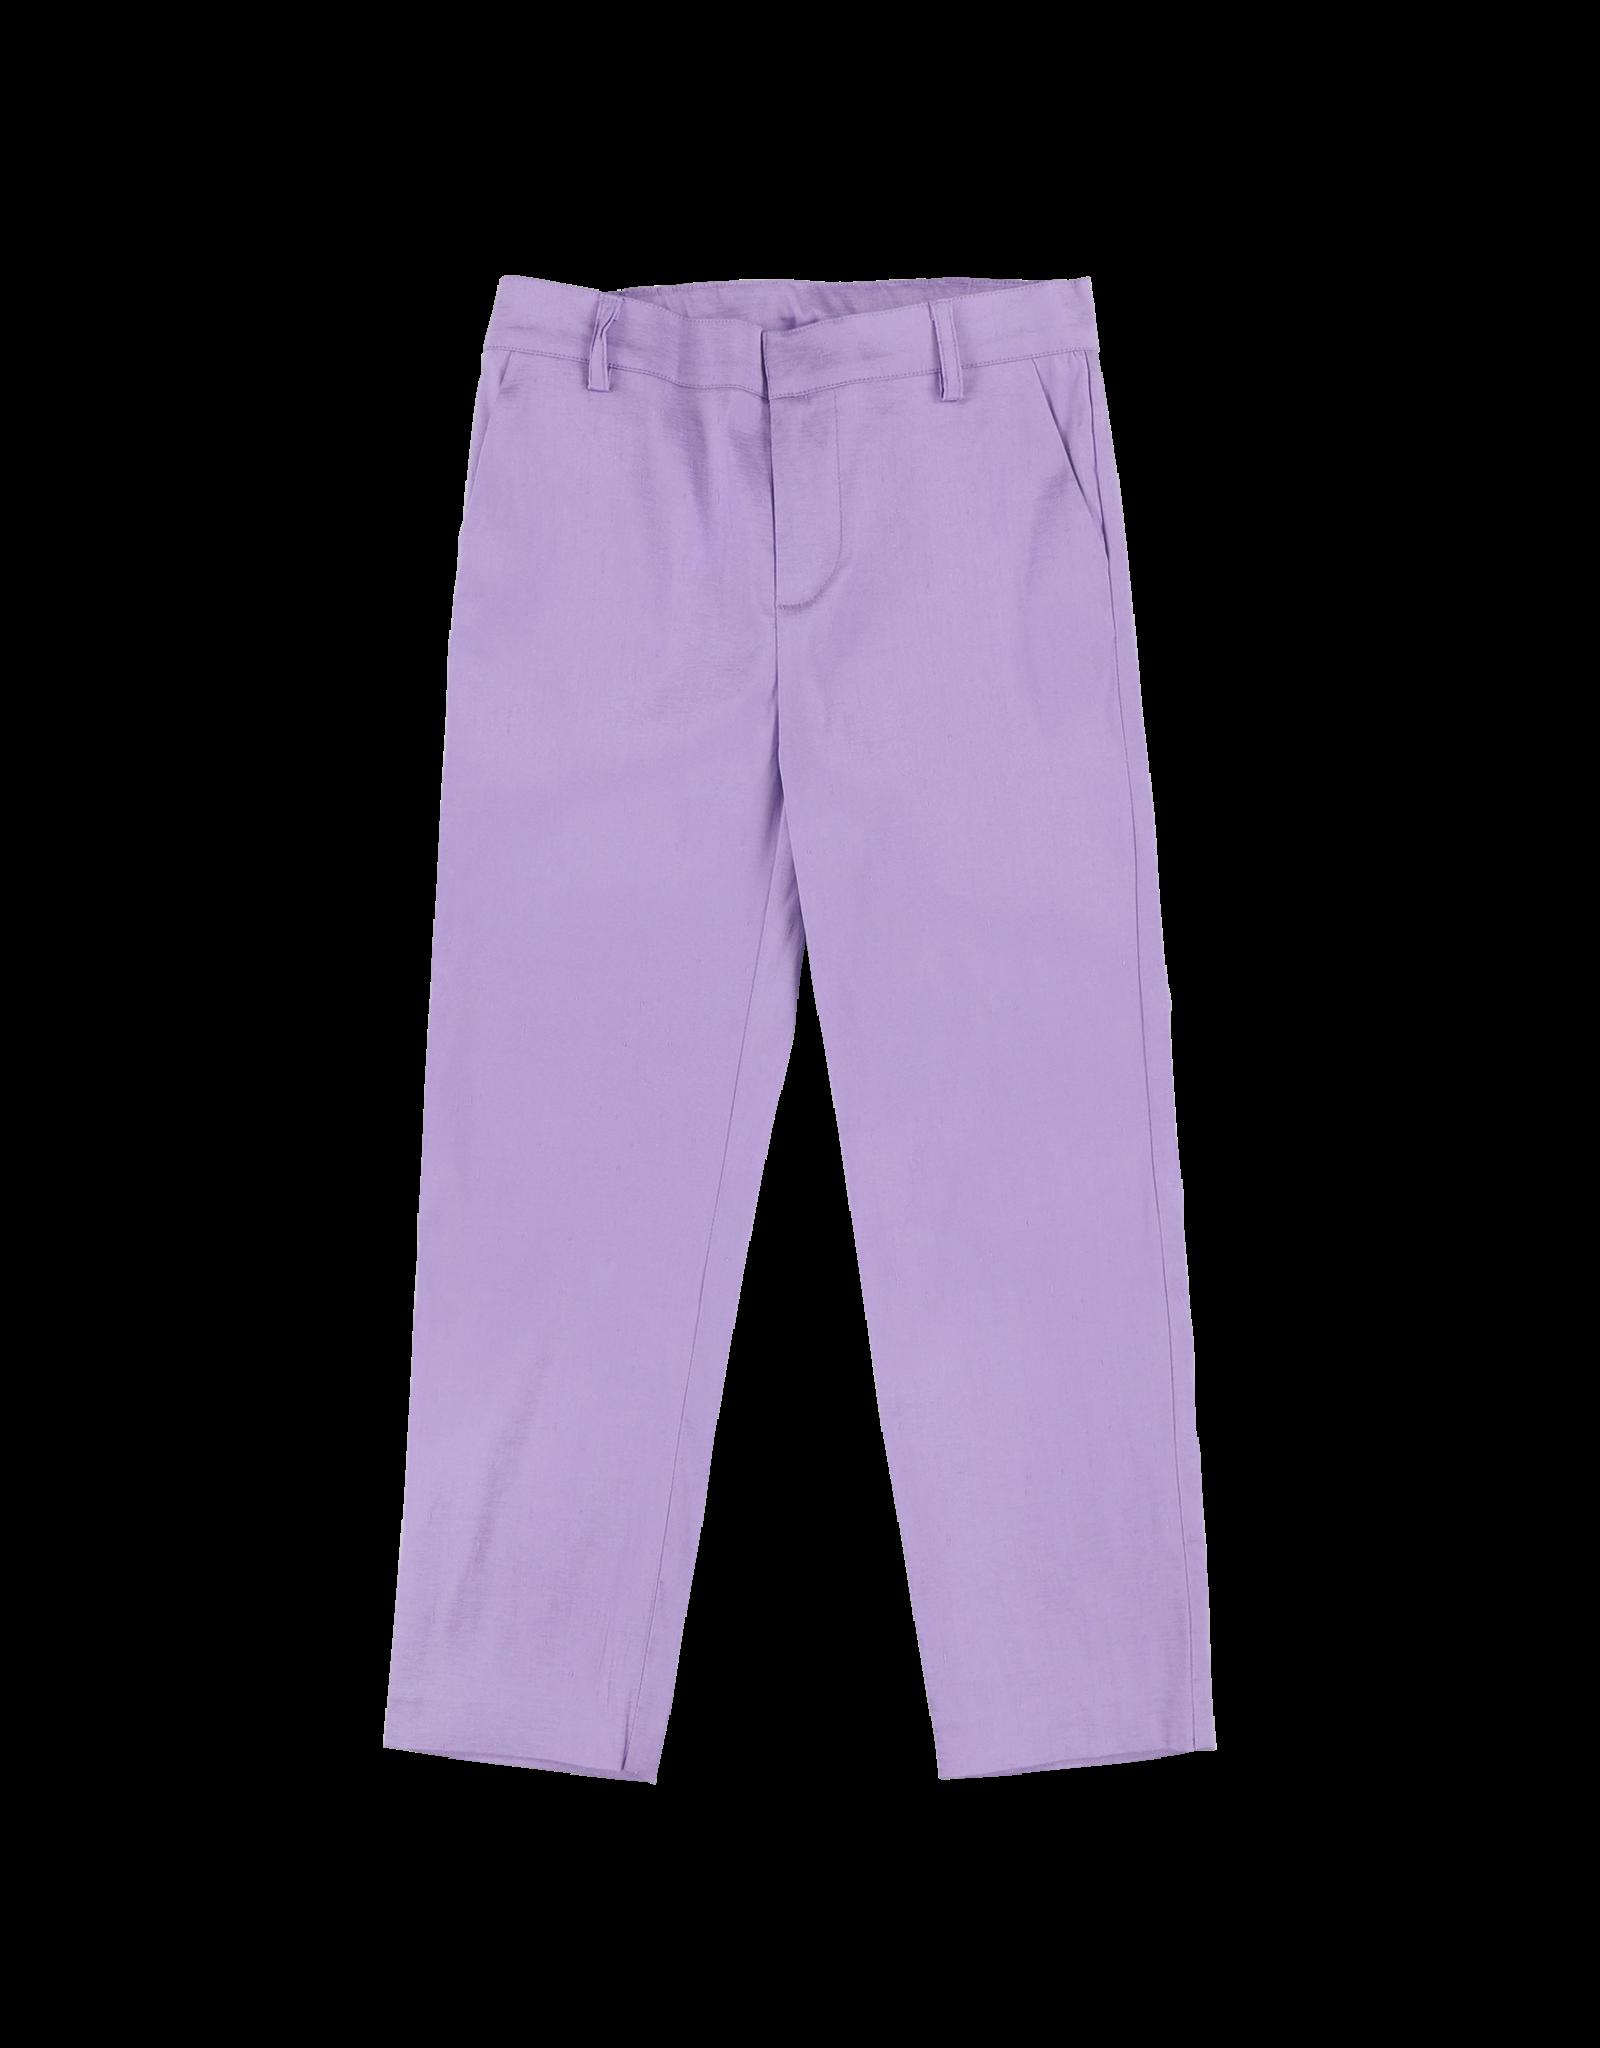 Caroline Bosmans Caroline Bosmans FW21 308 70 Pants tafta purple